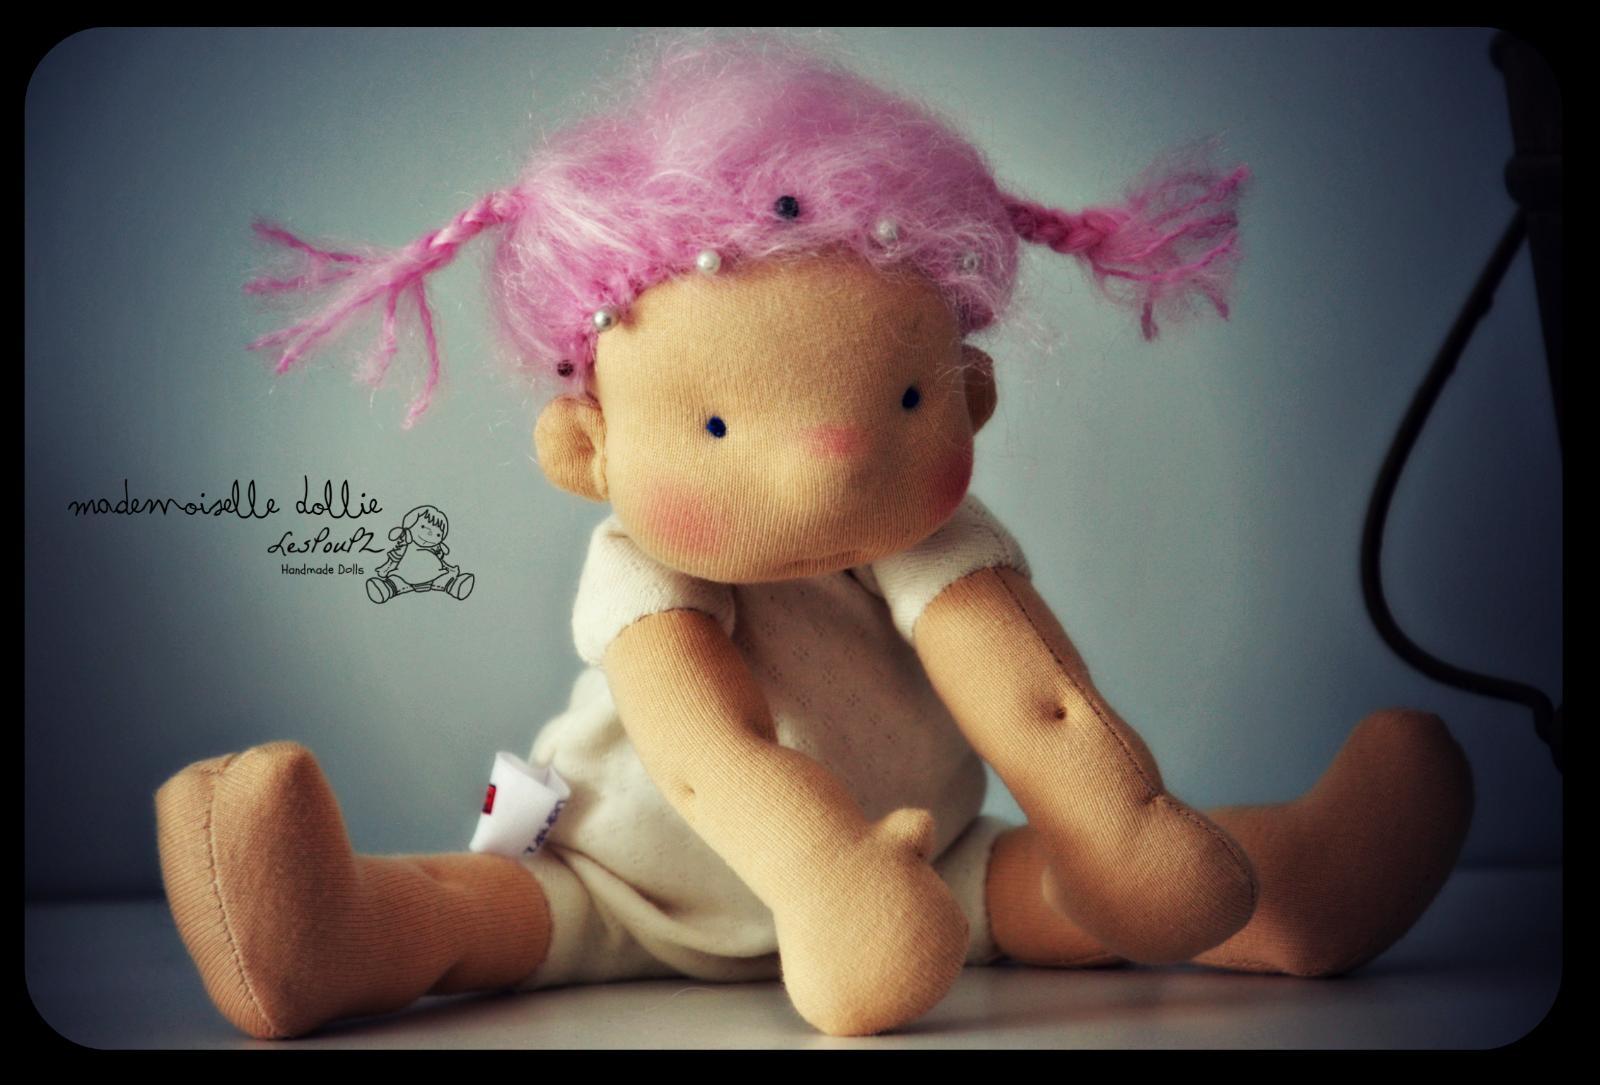 Little Baby Dollie